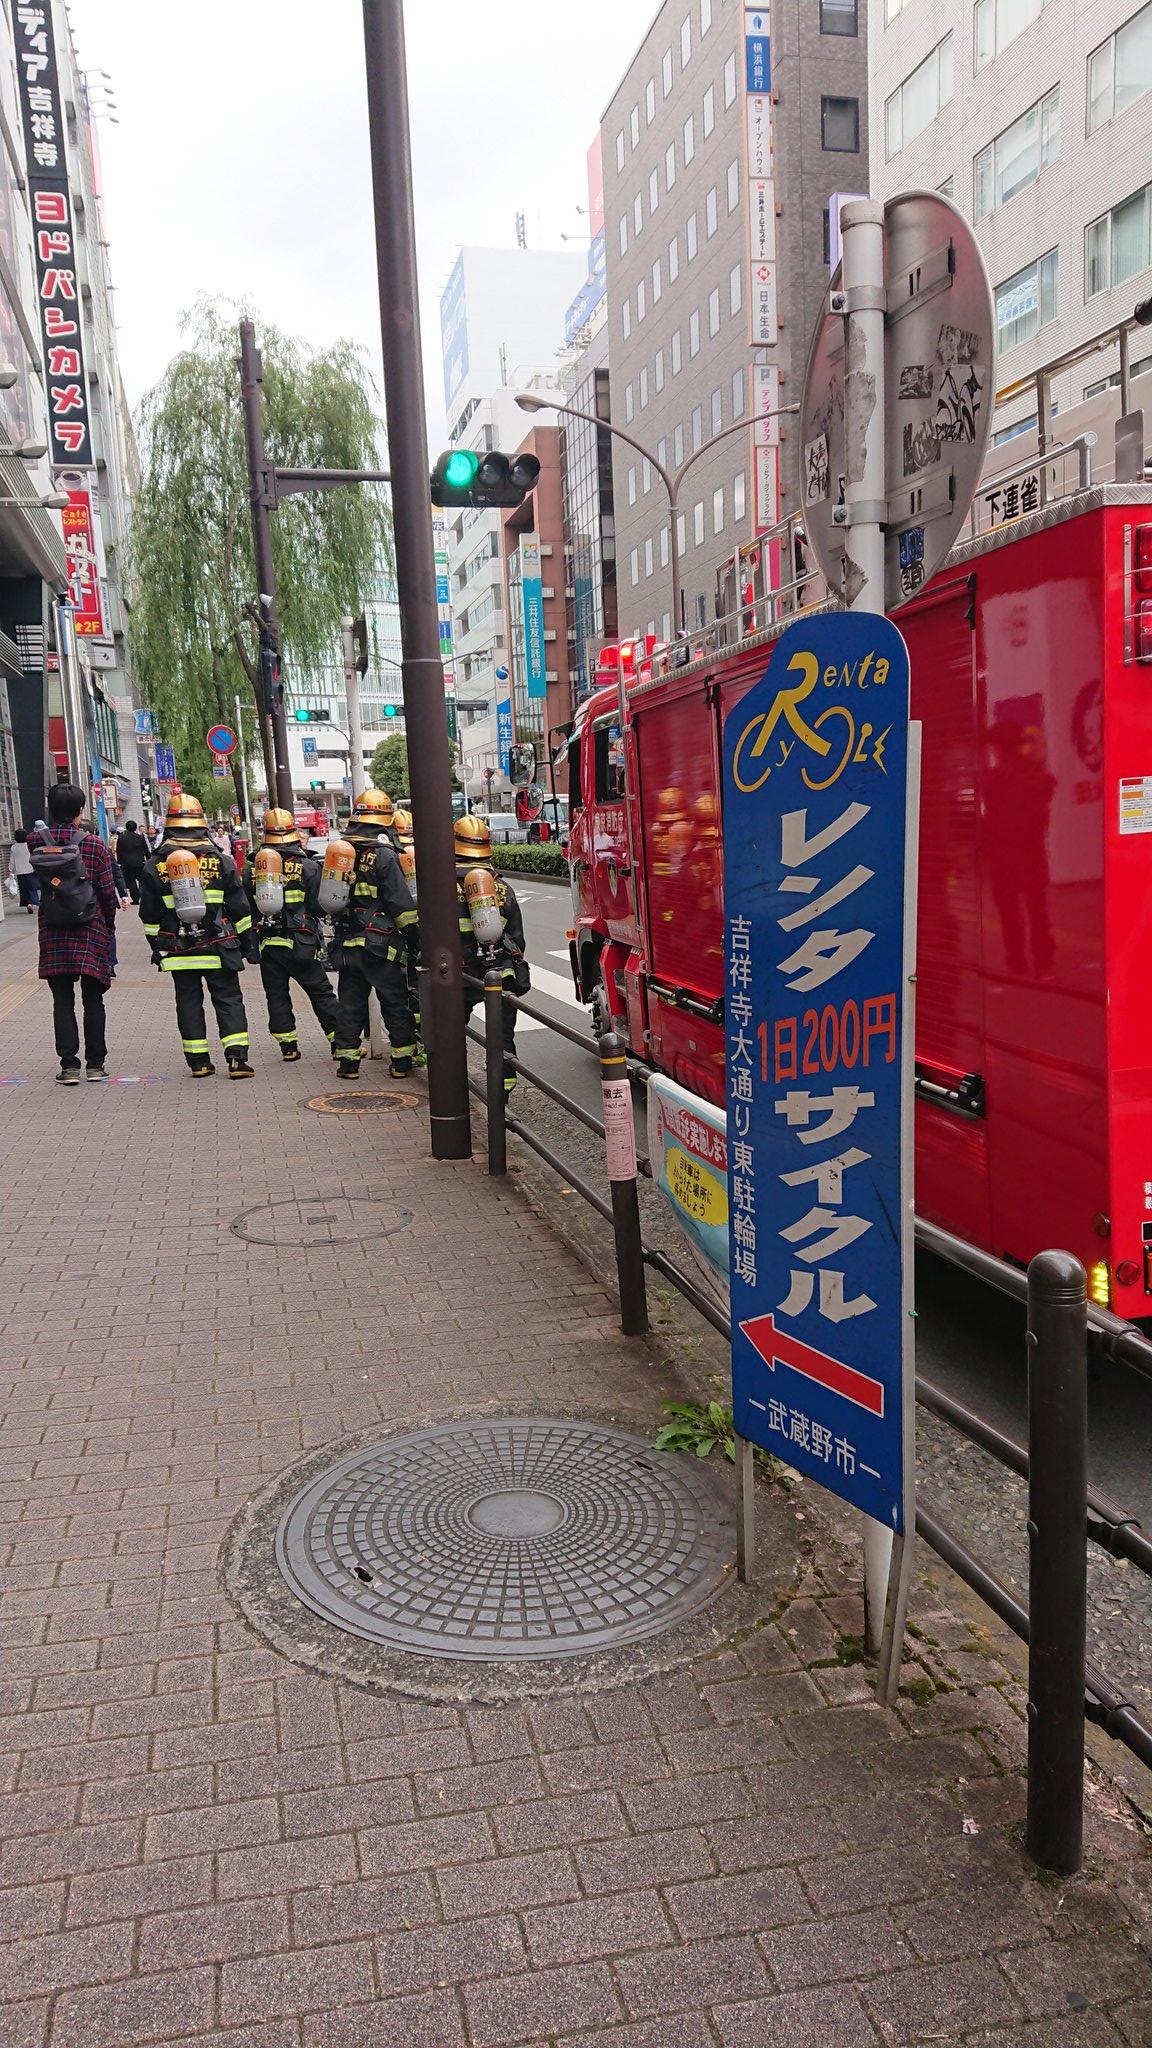 画像,吉祥寺駅前大量の消防車。駅前ロータリーからヨドバシ付近まできてるからアキバの事件思い出す量だけど防火服とか着てるのと救急車は多くないやも。 https://t.…